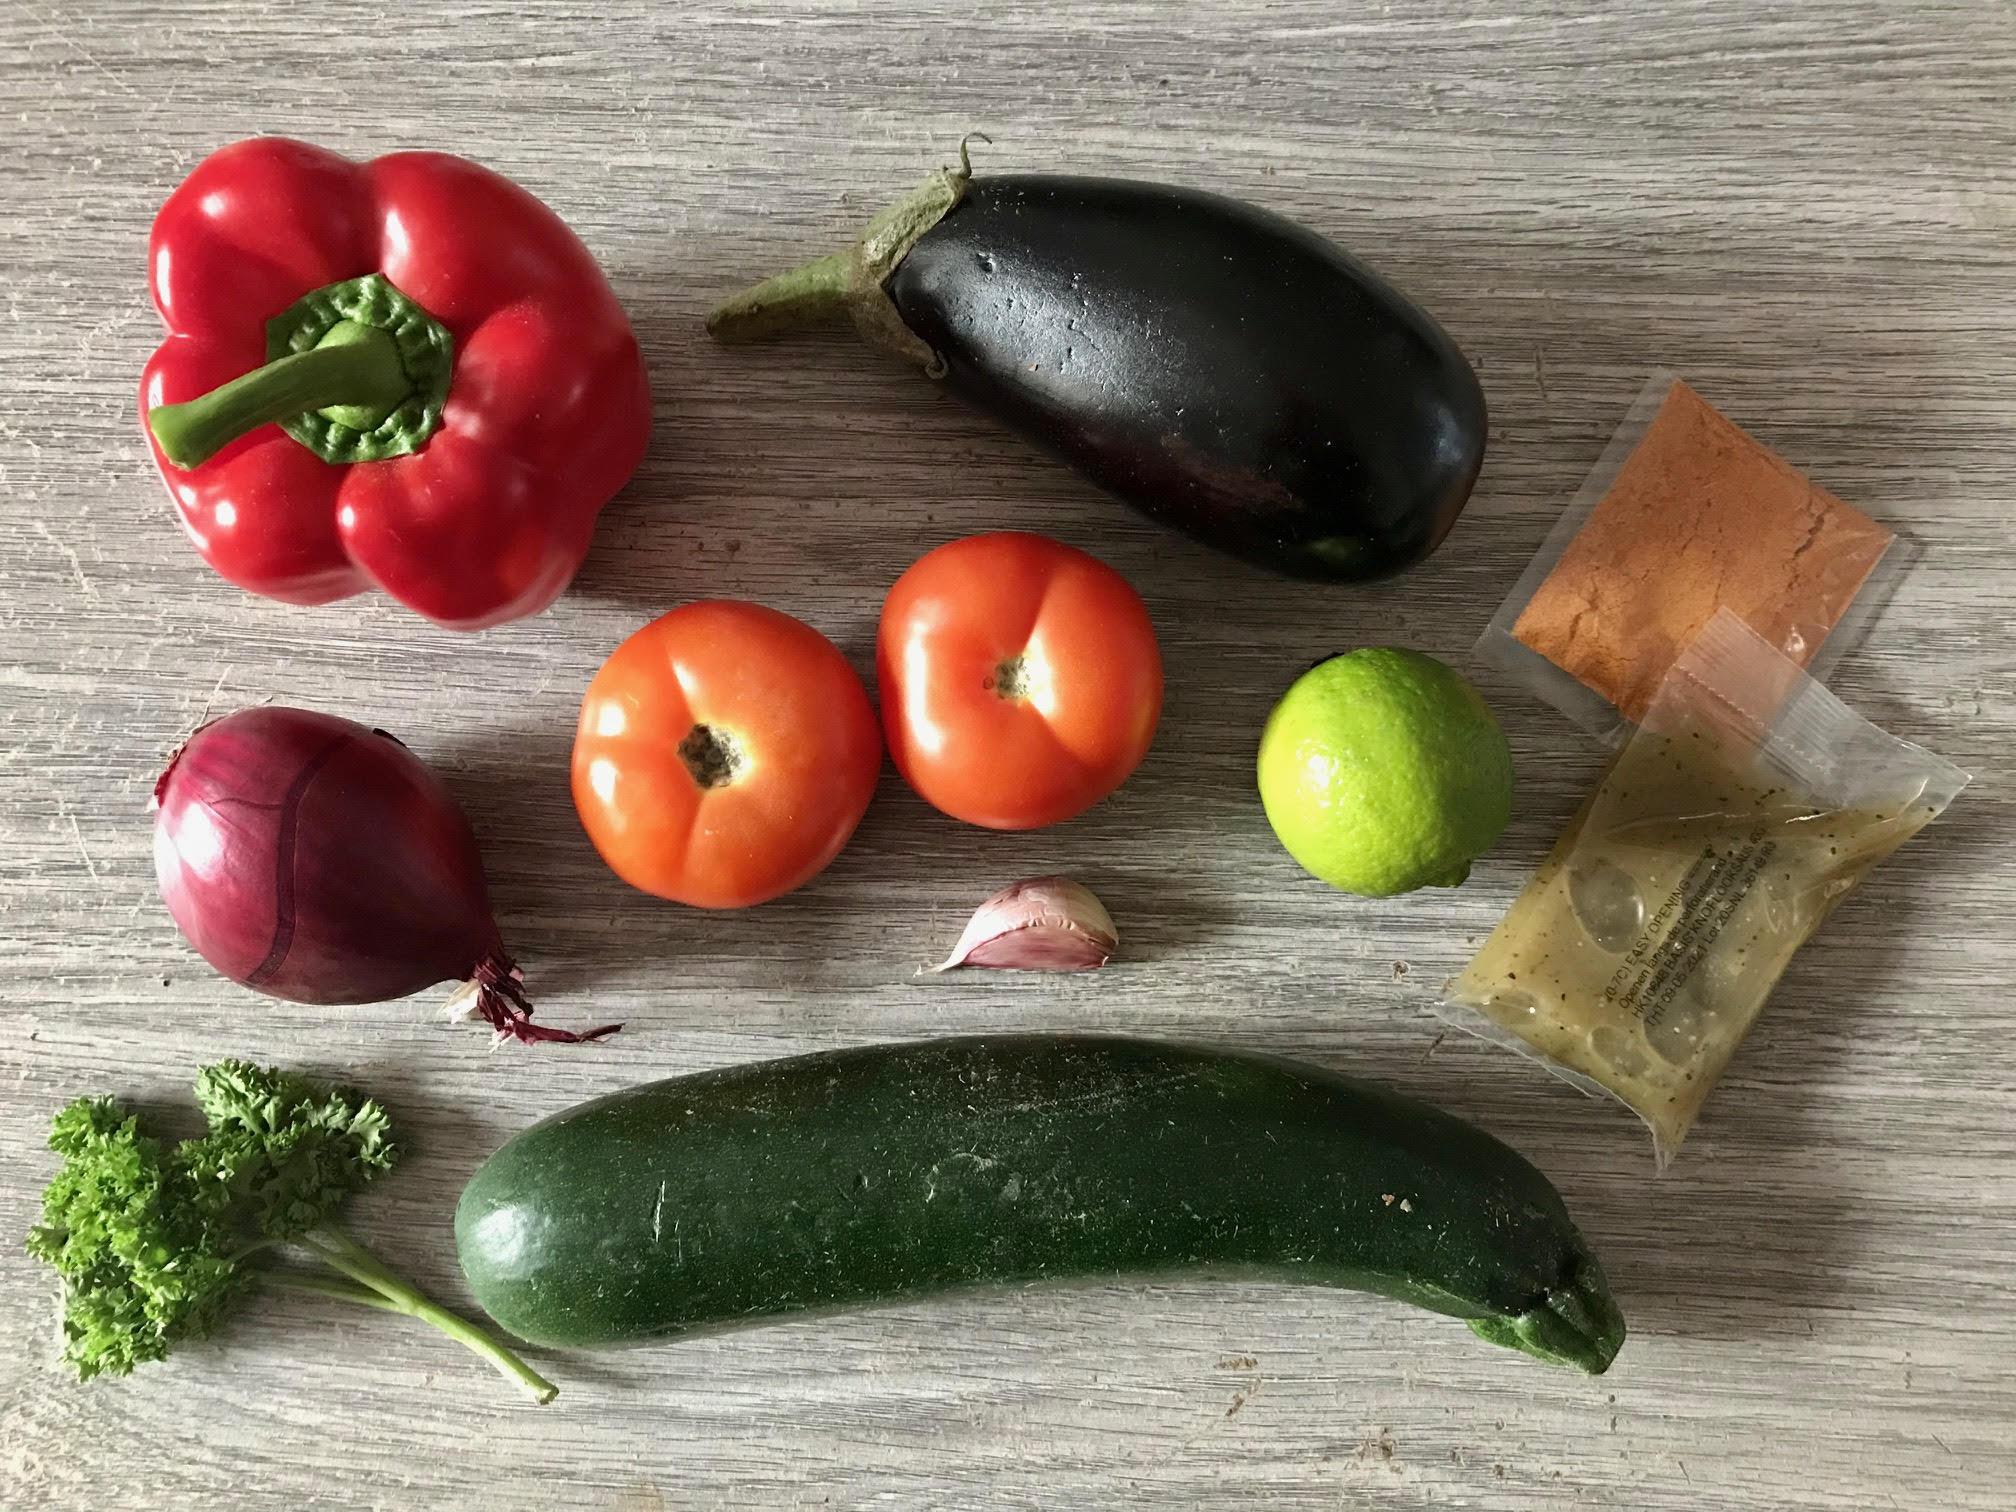 lidl groentekebab verspakket